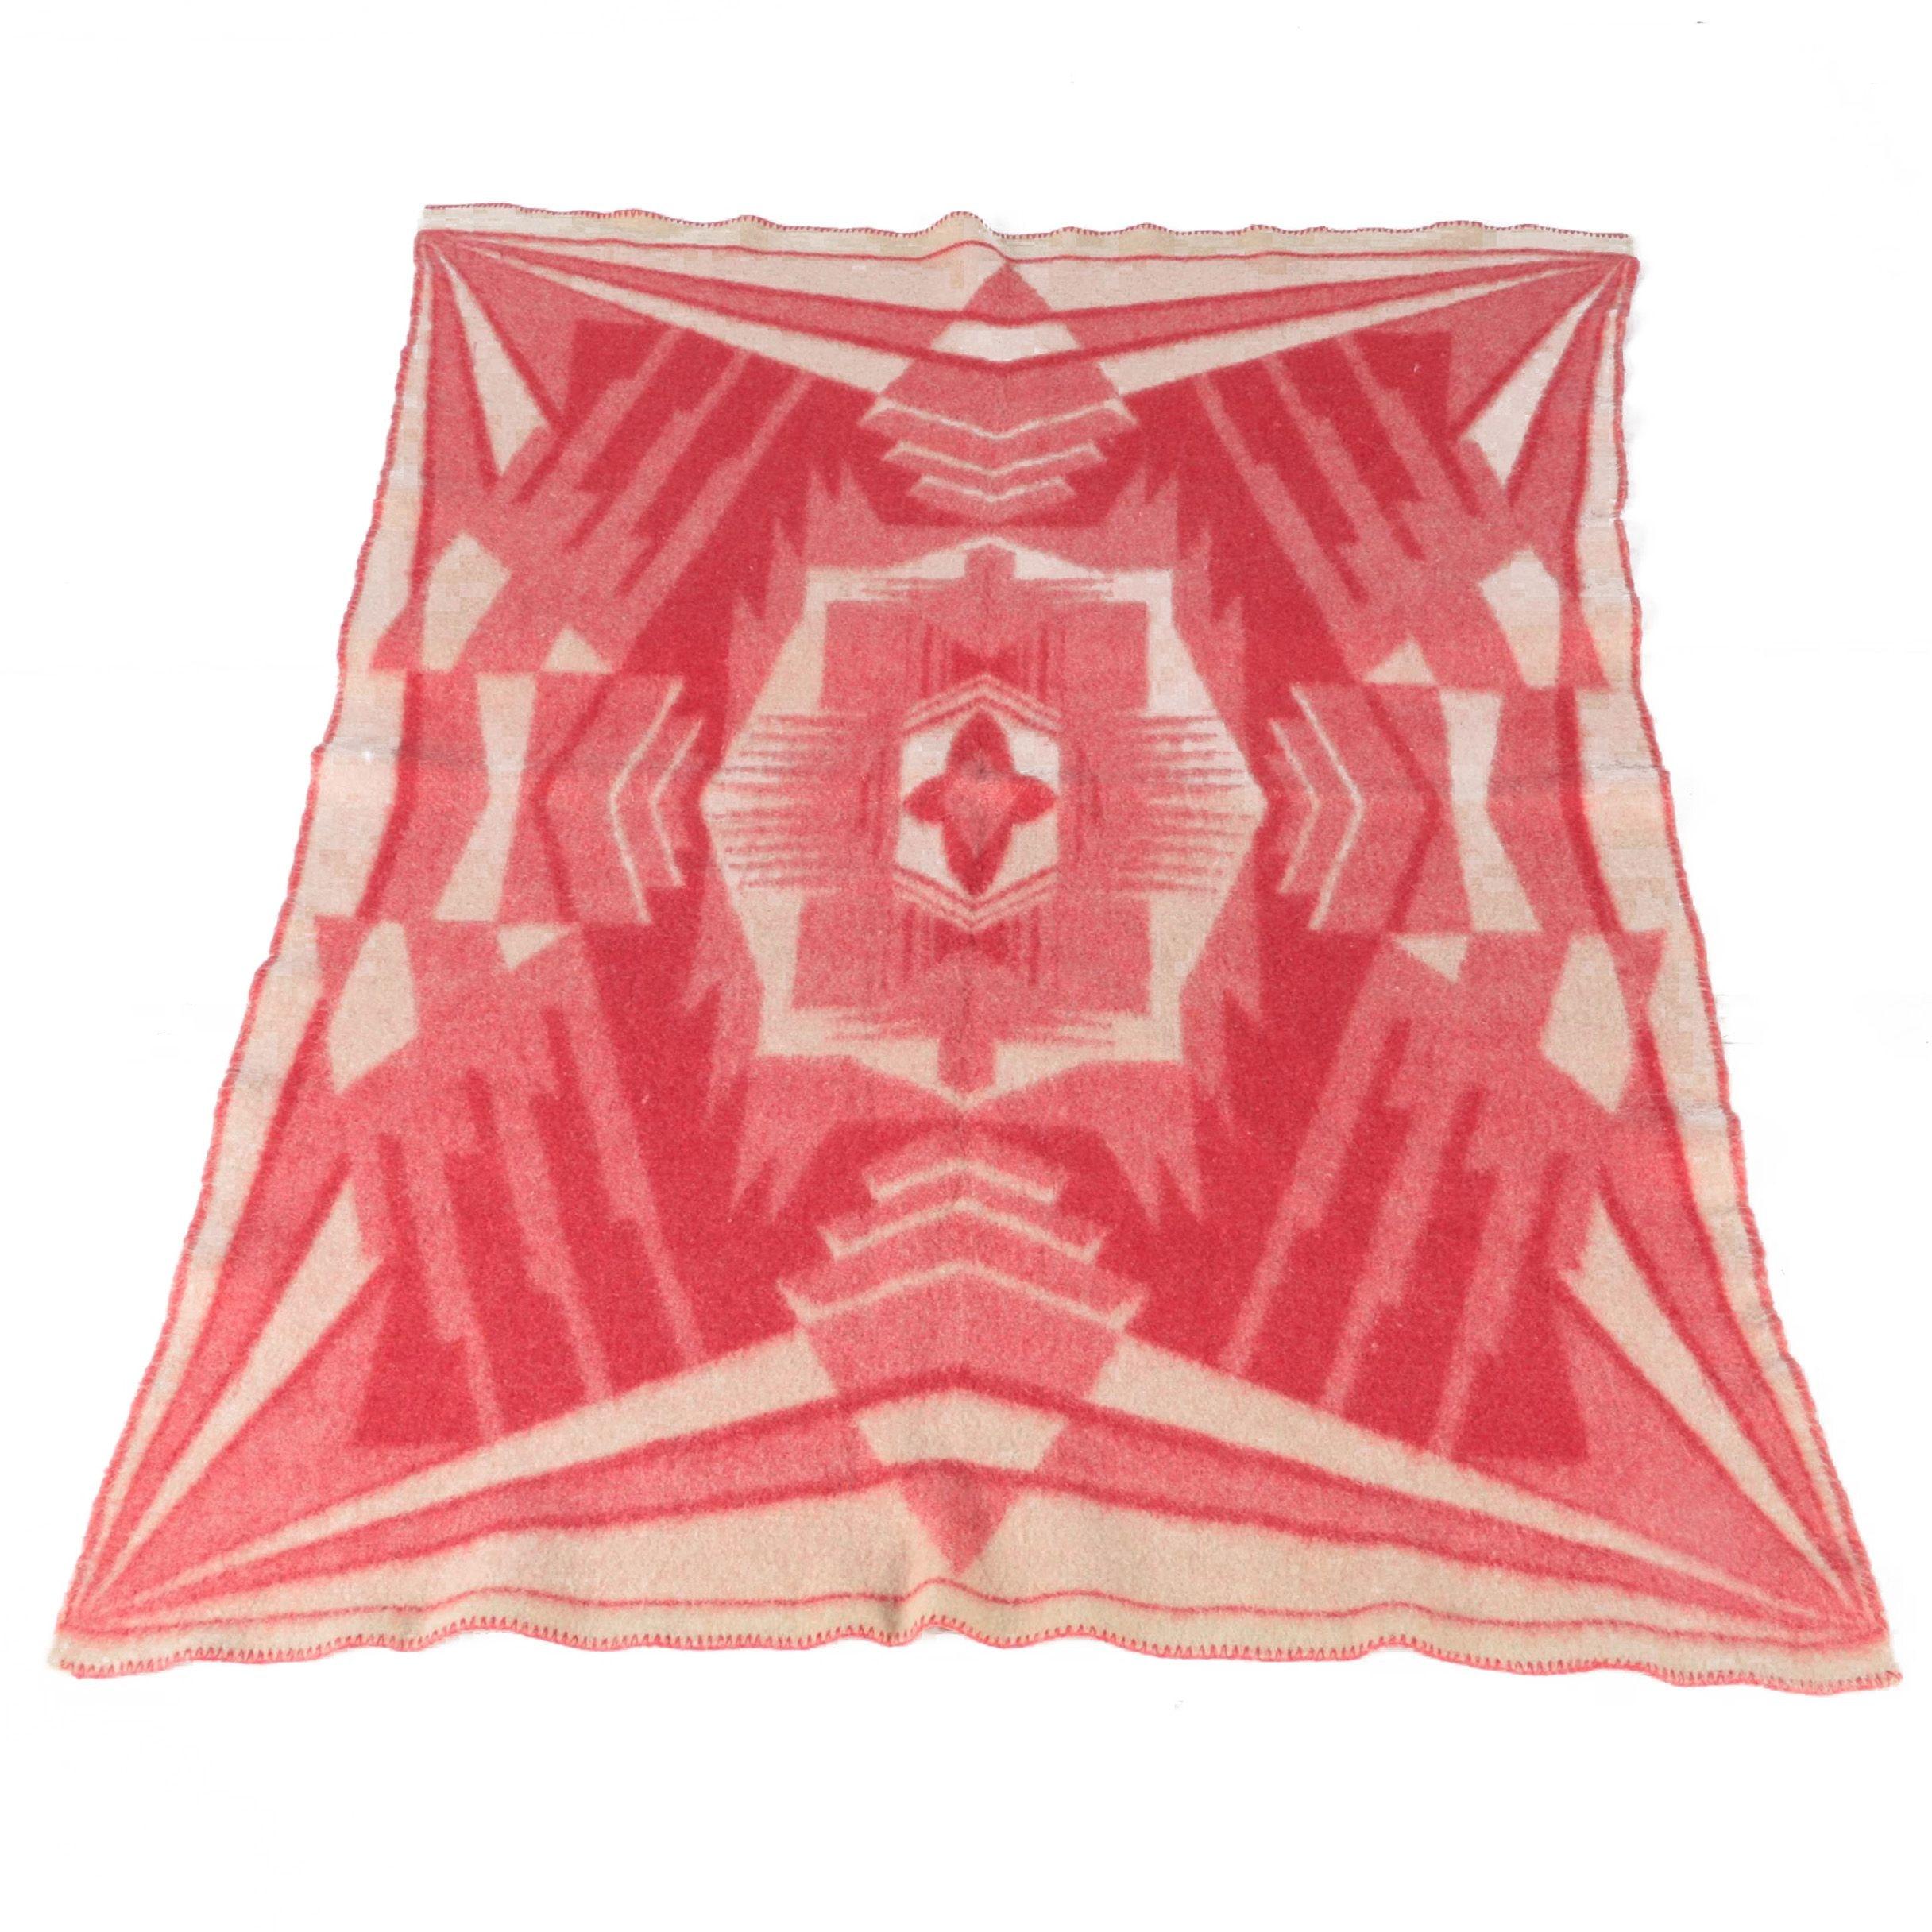 Vintage Dutch Geometric Wool Blanket